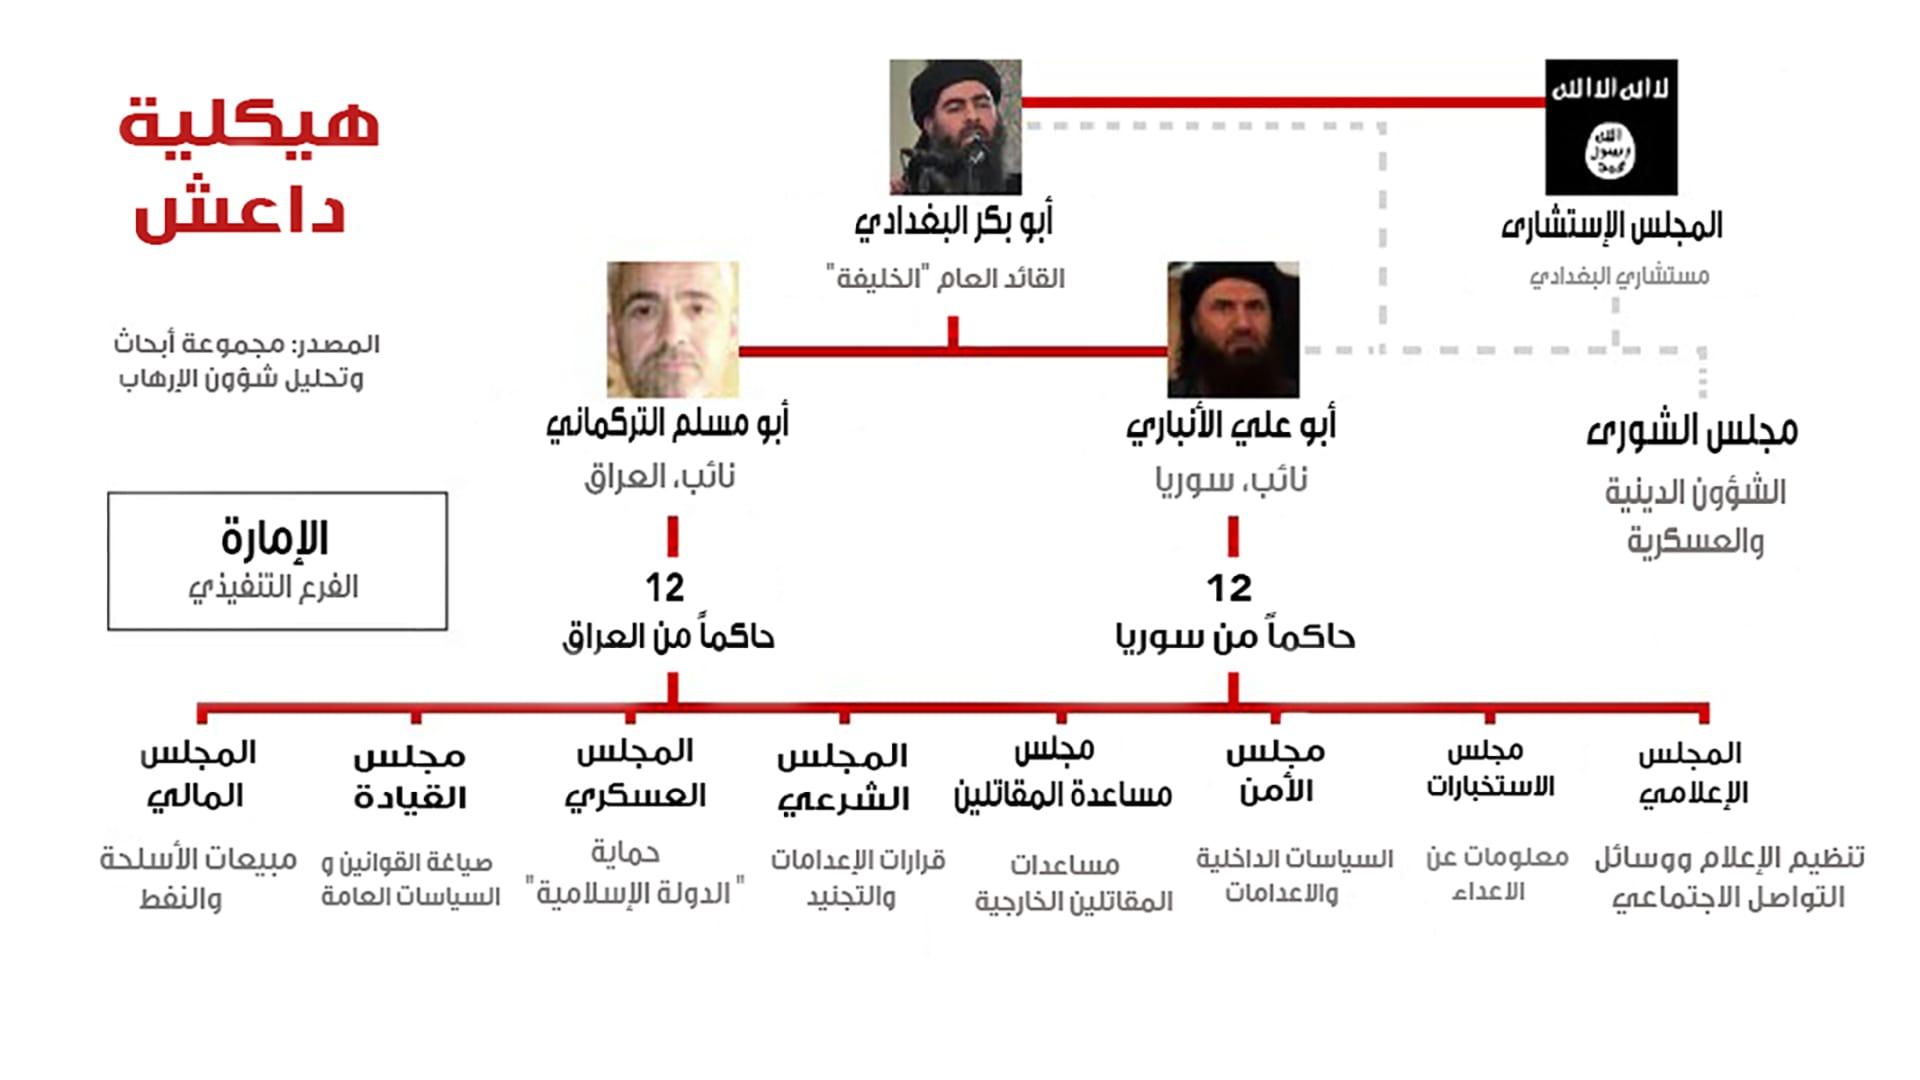 بالخرائط.. كل ما ينبغي أن تعرف عن تنظيم داعش